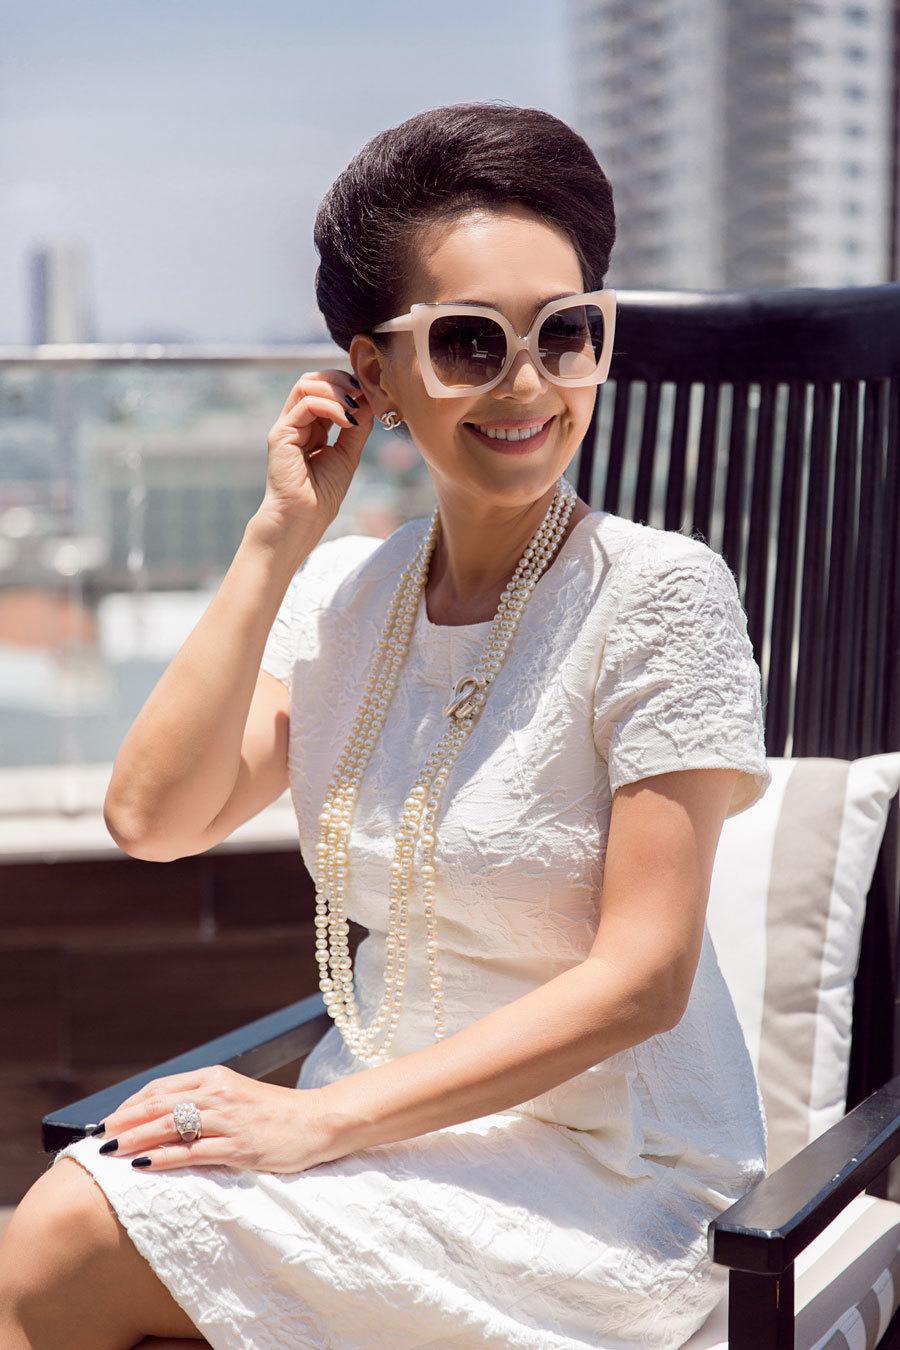 Nữ hoàng ảnh lịch một thời khoe vẻ đẹp quý phái ở tuổi U60